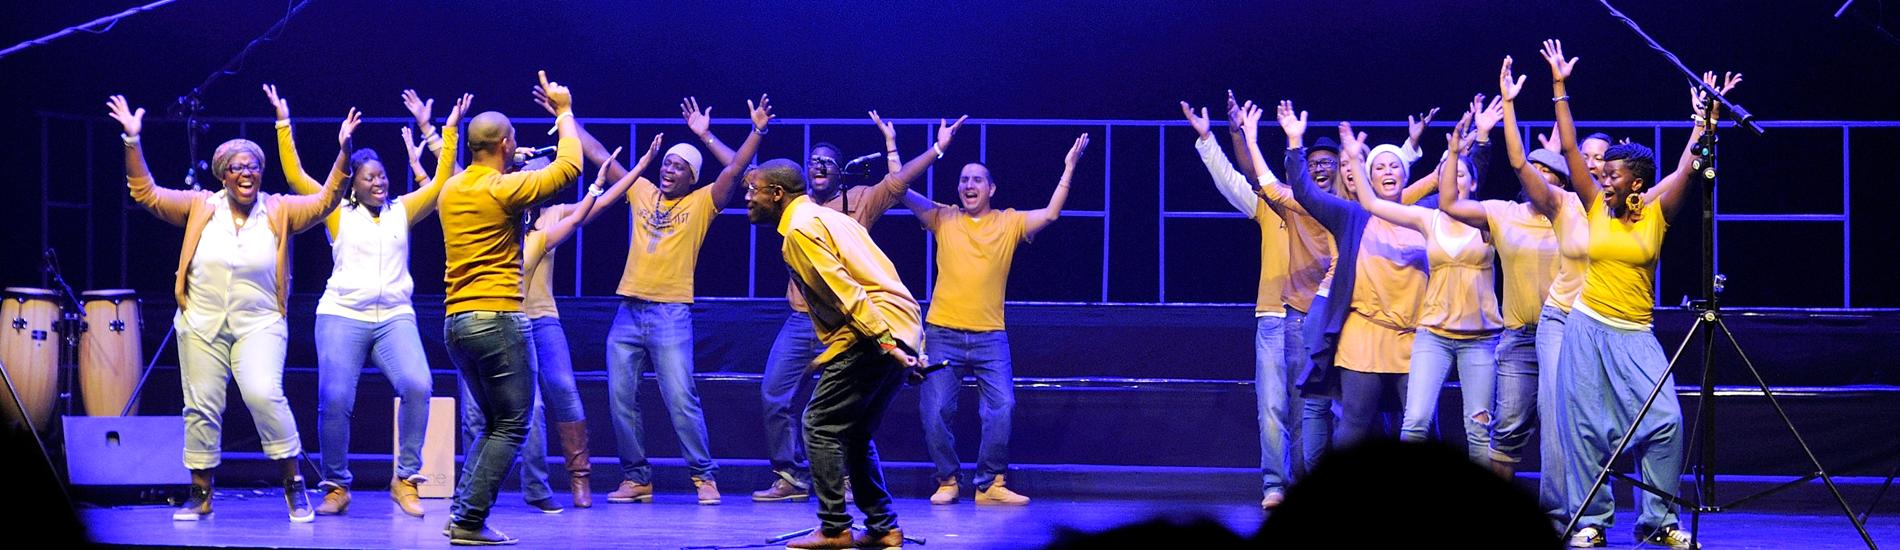 participation de la chorale de gospel urbain VOICE2GETHER au show battle voices en décembre 2013